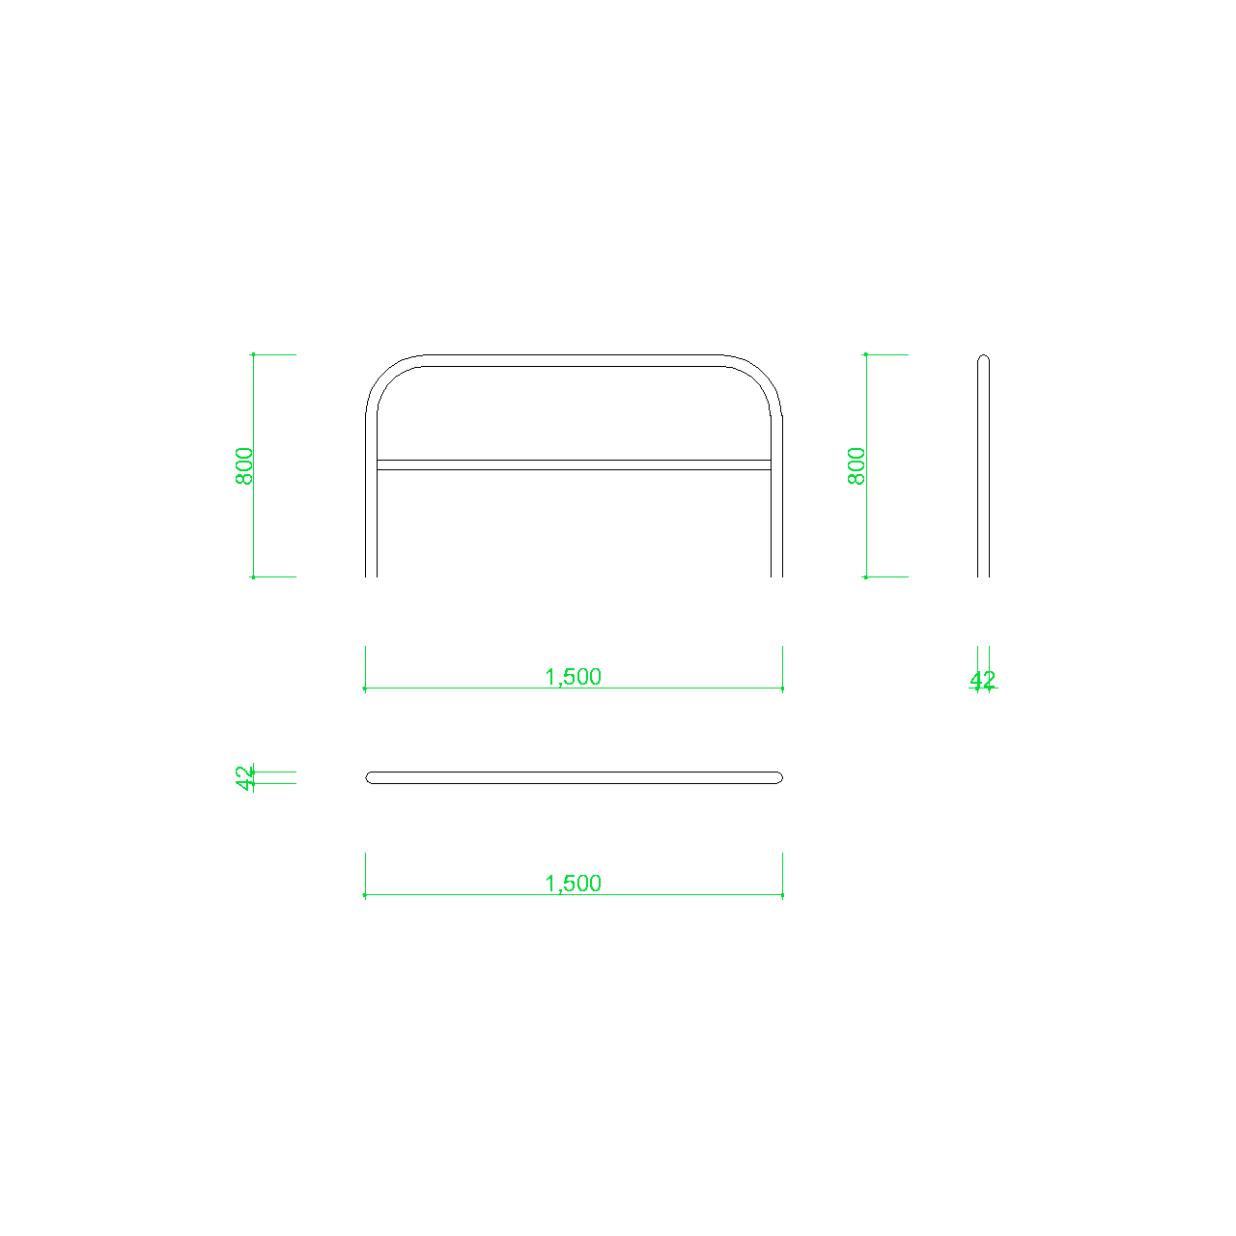 ガードパイプ(1.5m)の2DCAD部品,無料,商用可能,フリー素材,フリーデータ,AUTOCAD,DWG,DXF,道路,road,車両用防護柵,ガードフェンス,guard pipe,fence